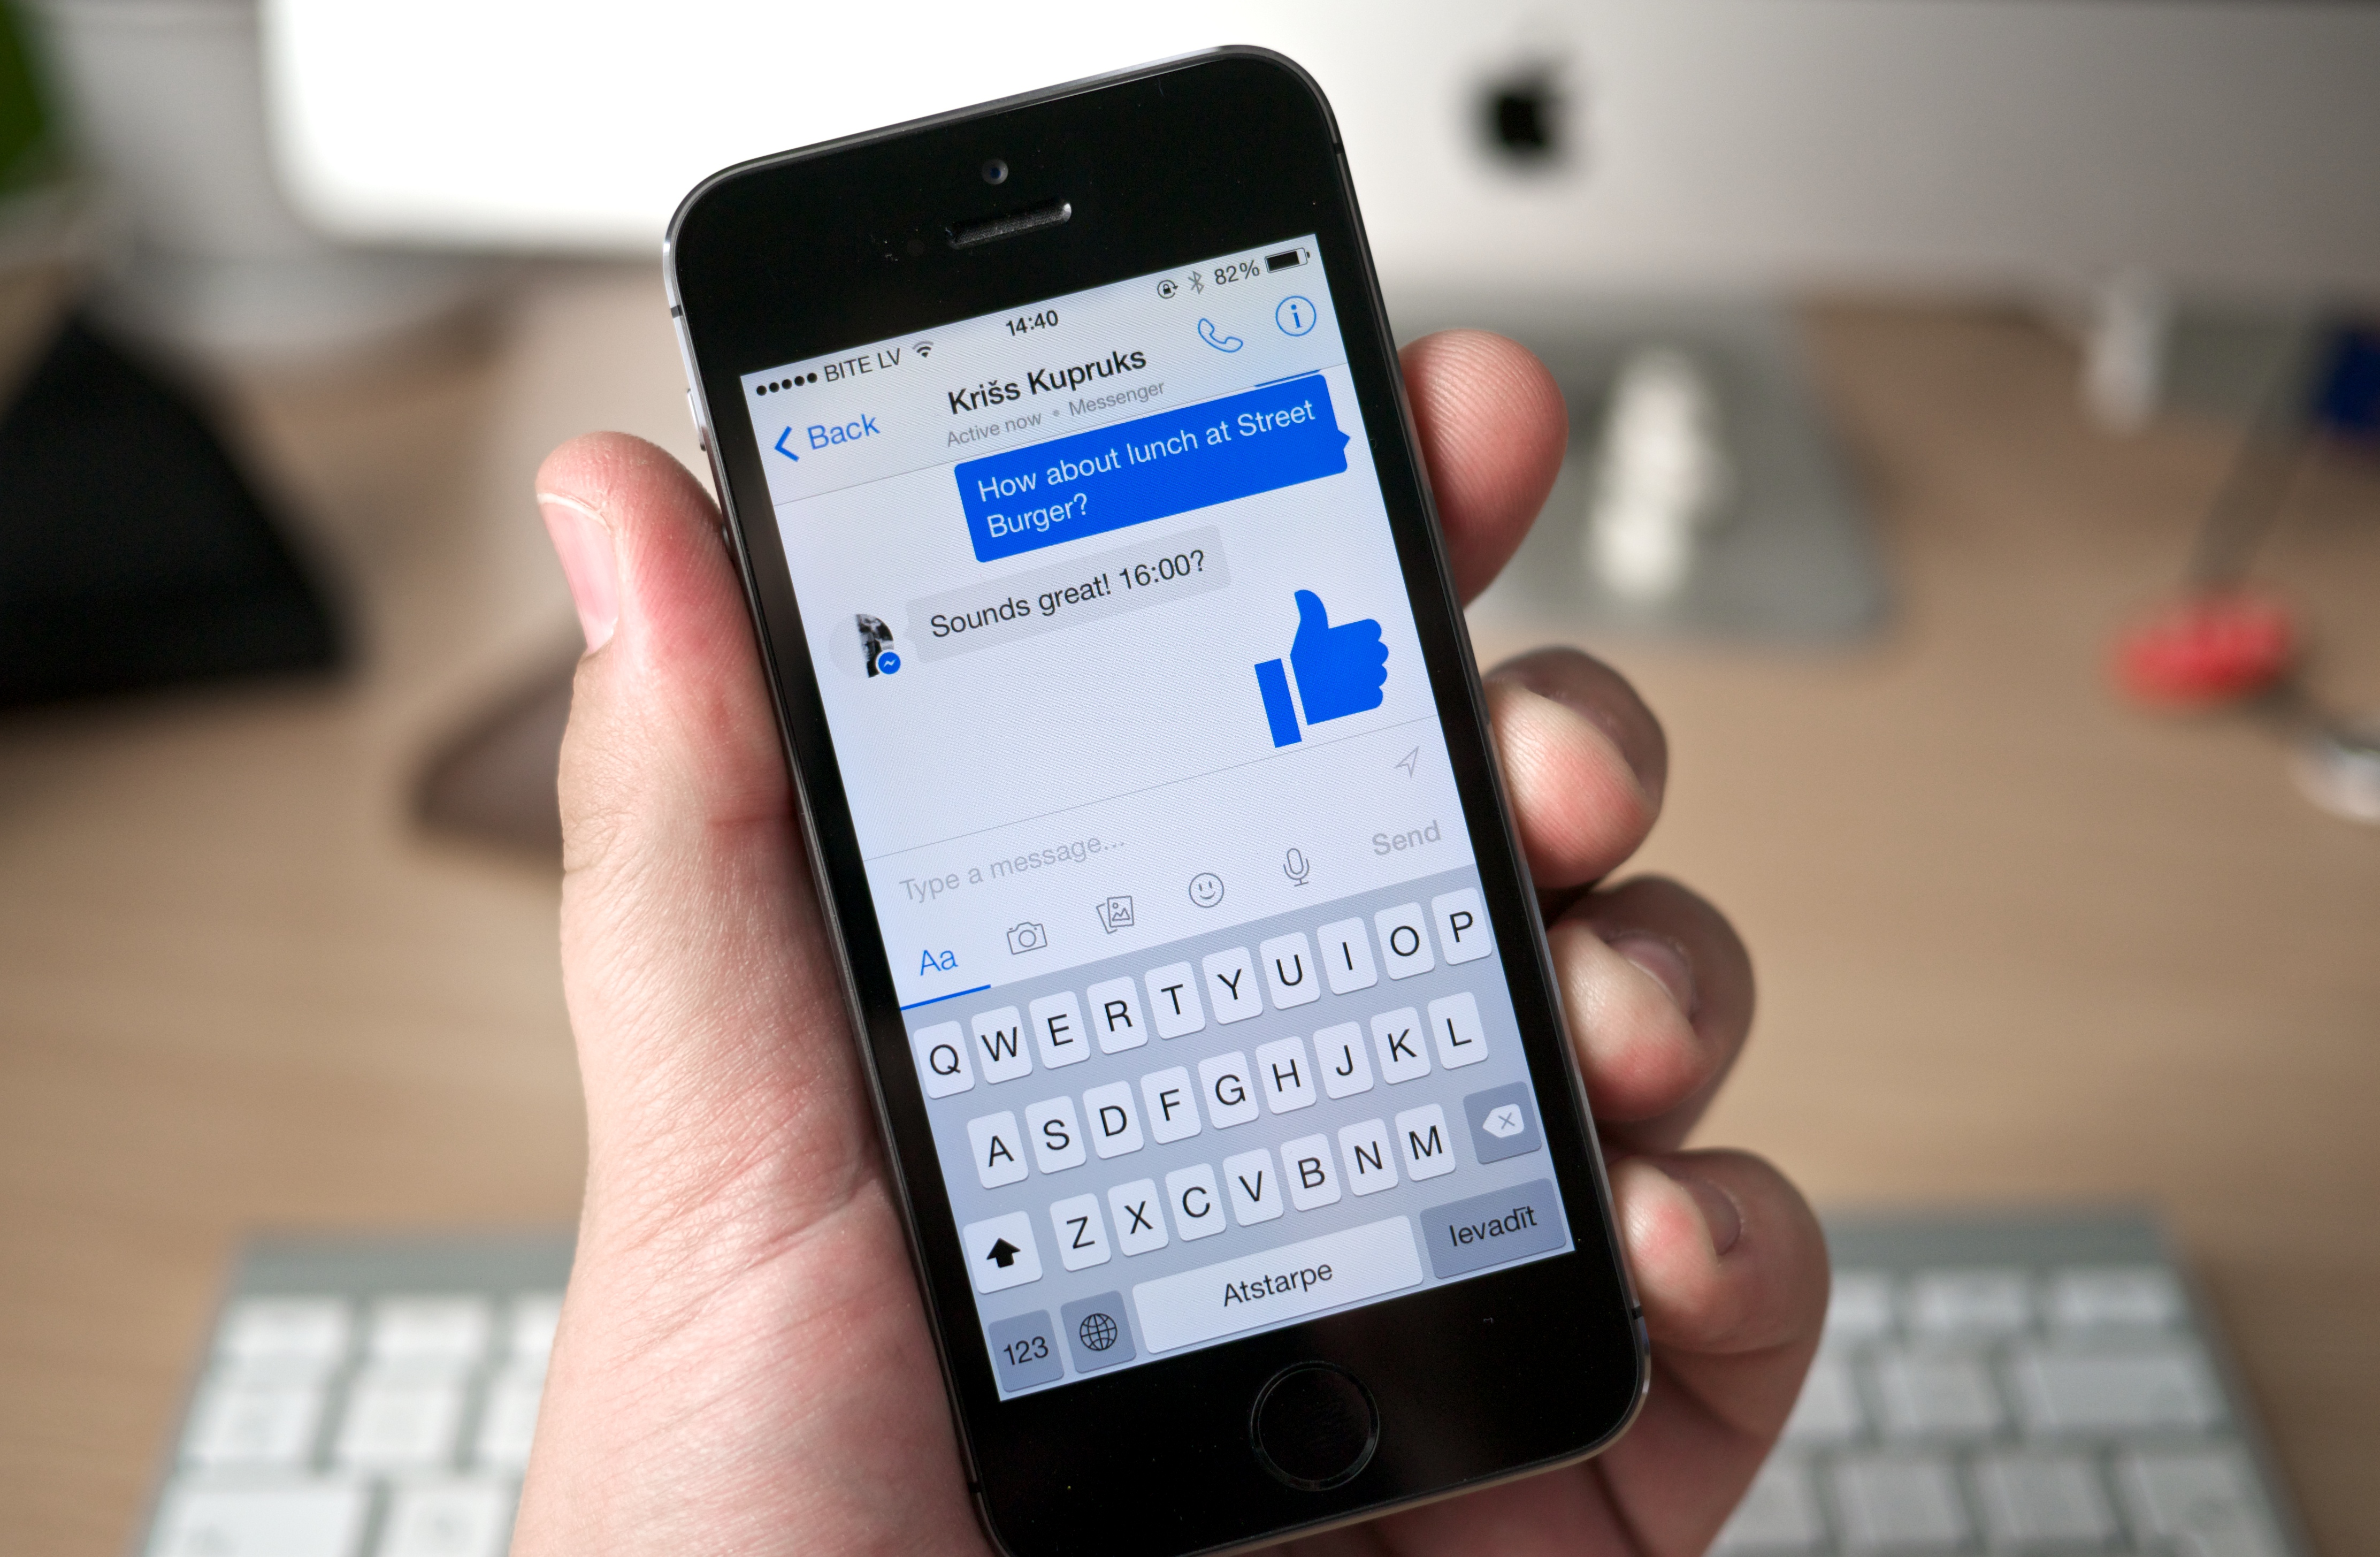 Come scaricare Facebook Messenger 143.0.0.12.69 beta, l'ultima versione 1